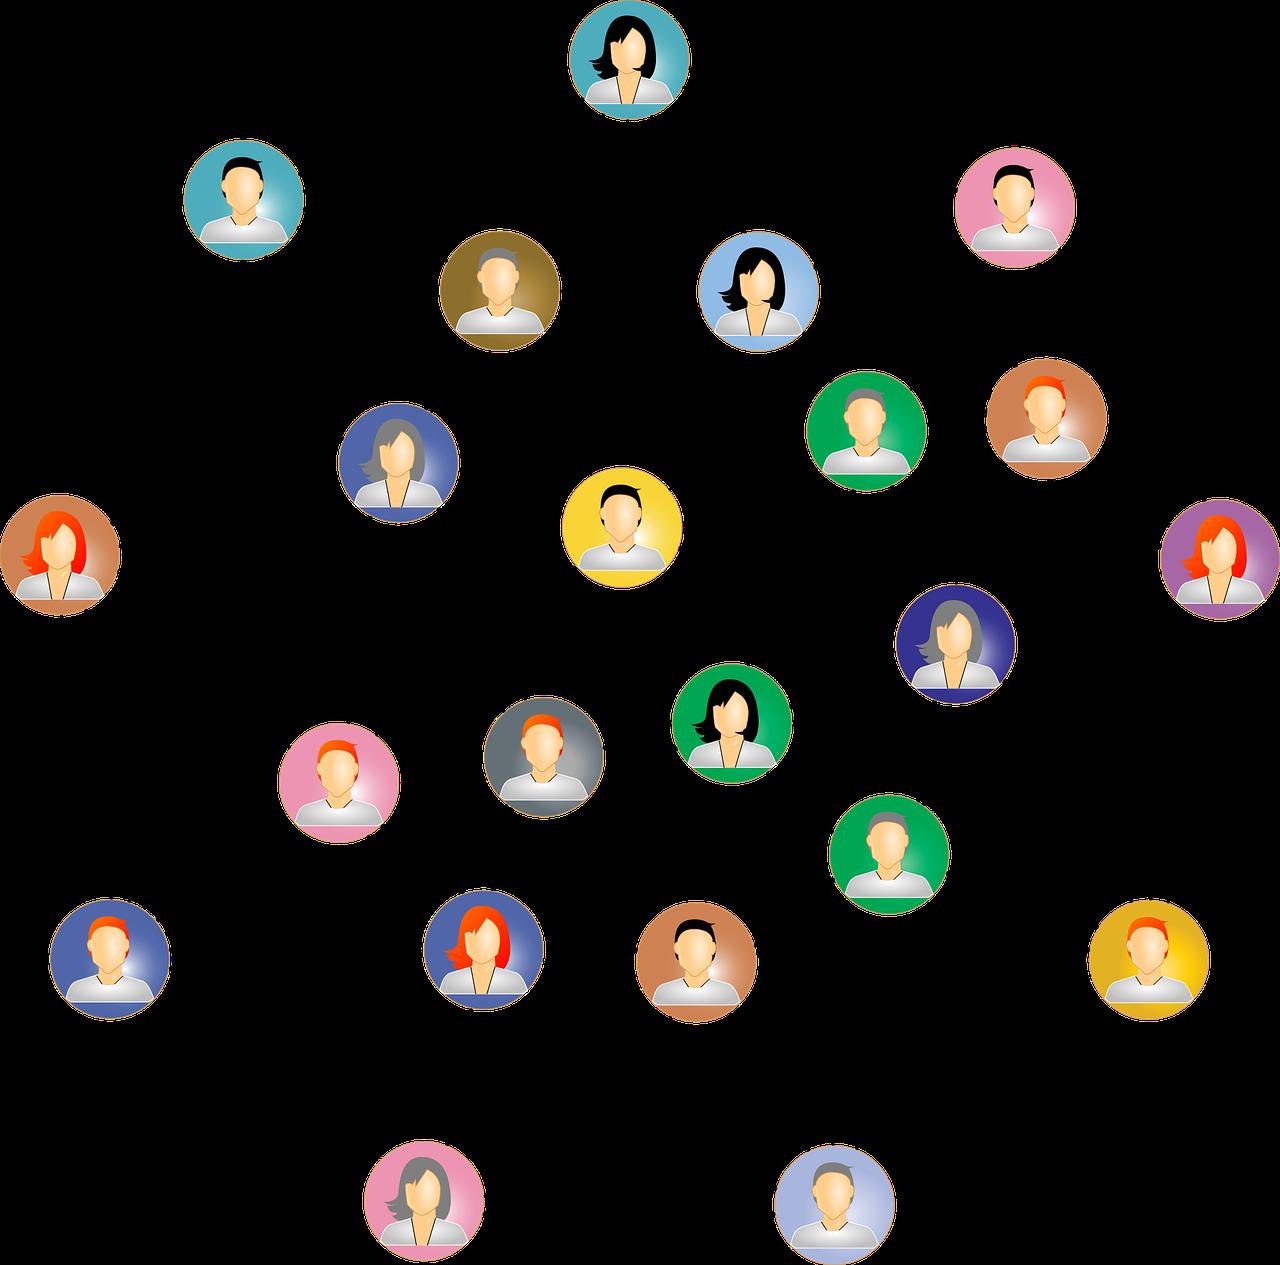 Servizi Comunikate: Siti web Mezzocorona, Trento, Trentino Alto Adige